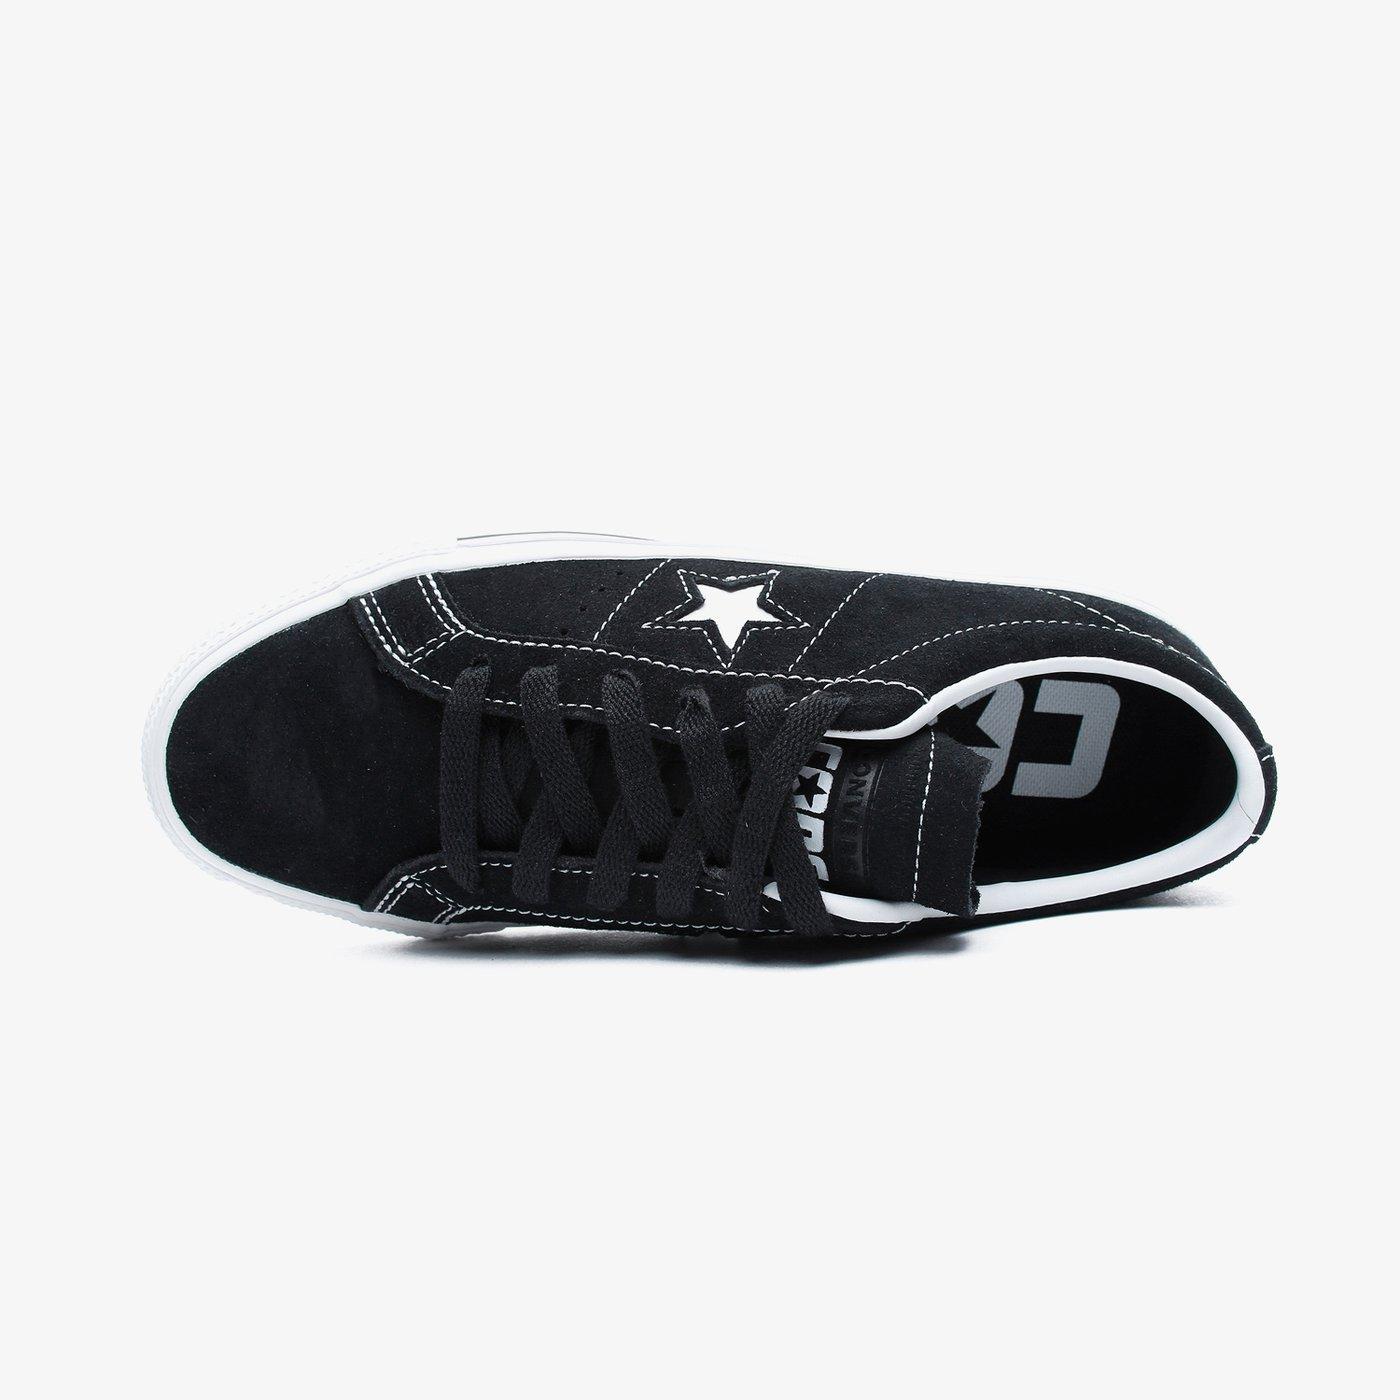 Converse One Star Pro Kadın Siyah Sneaker